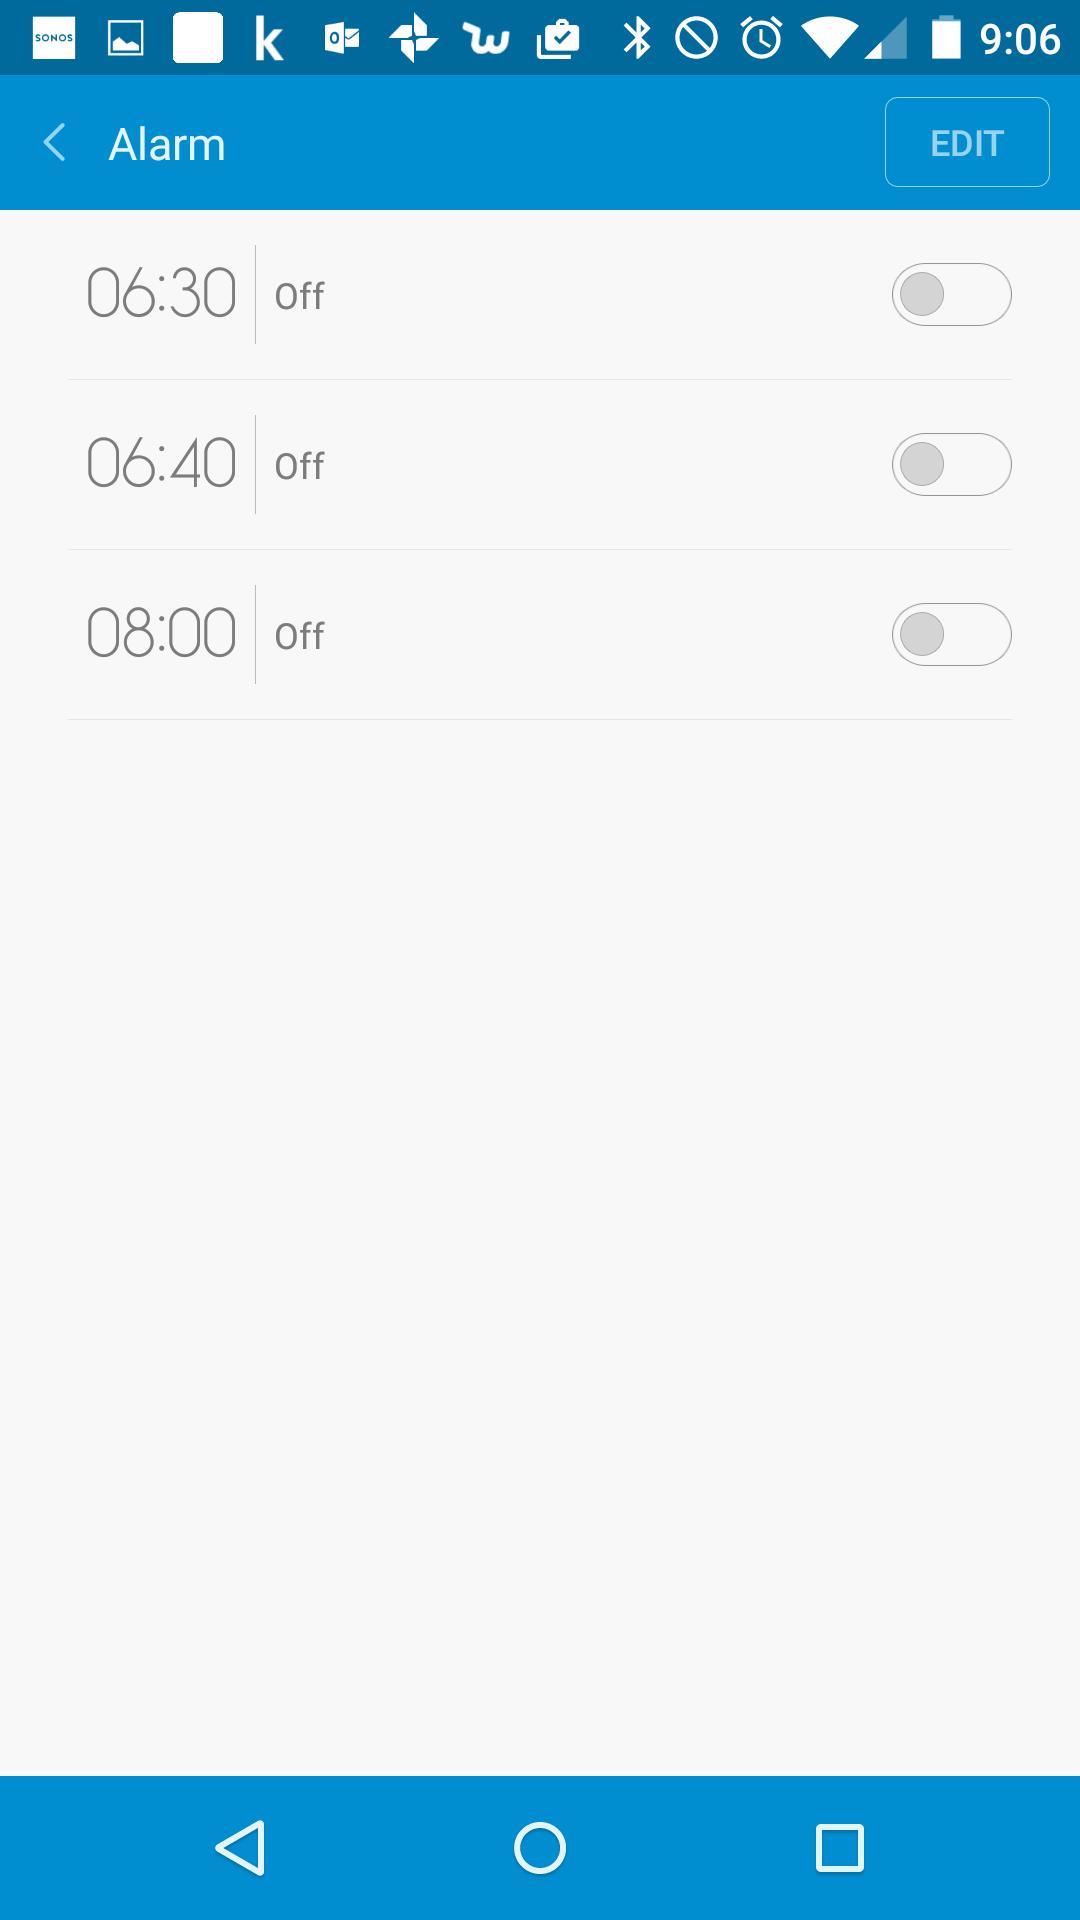 「アラーム」の画面。なお、Androidの標準インストールの時計・アラームなどとは一切連動しない。なので、切るとき混乱するので、rakeemは現在この機能を使っていない。ちなみに使った場合は、どうやらDeep SleepとLight Sleepを見極めて、目覚めのよいタイミングに調整してくれるもよう。